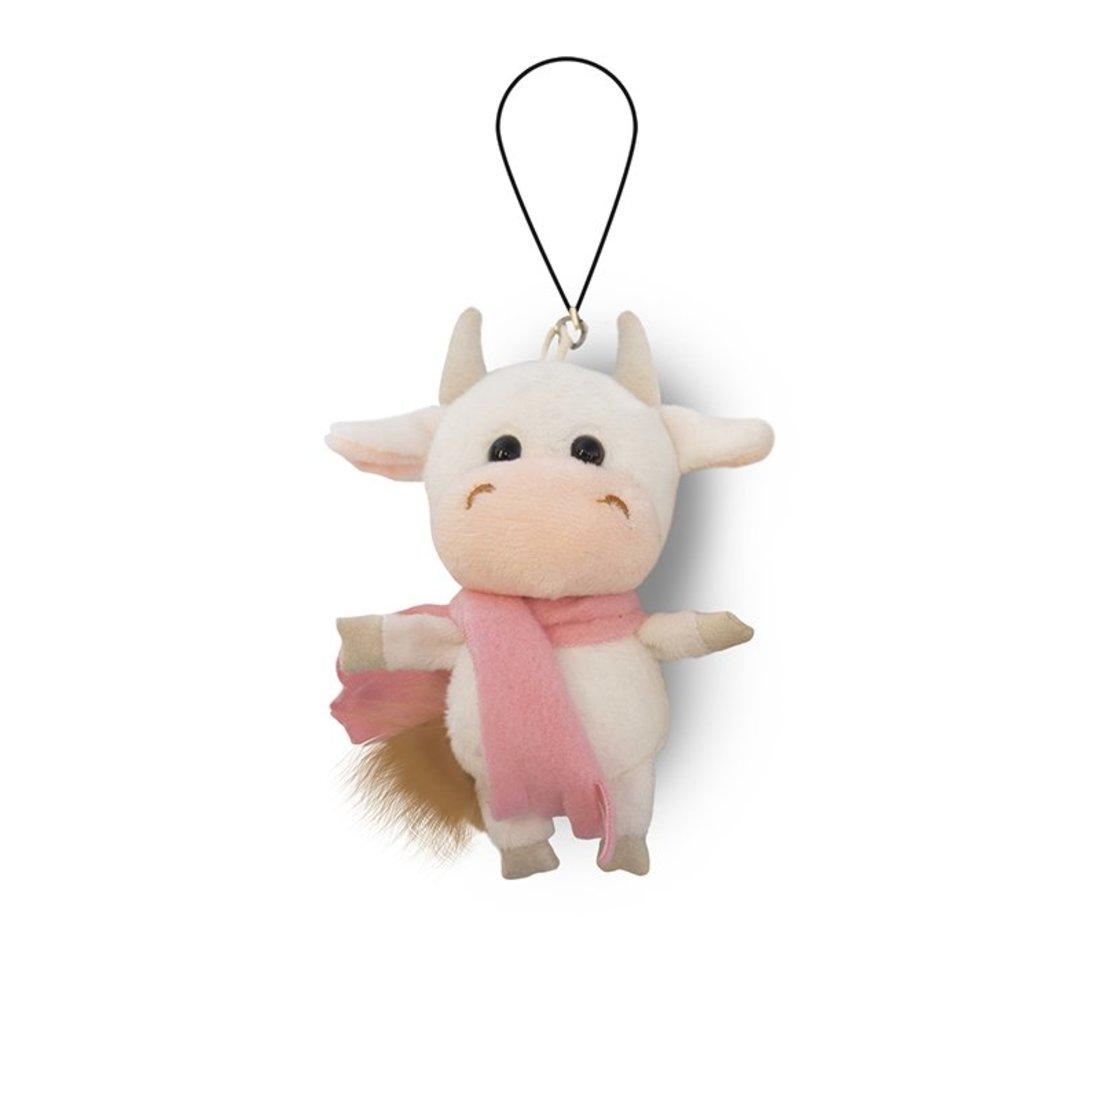 Мягкая Игрушка , Коровка Белая в Розовом Шарфике, 11см